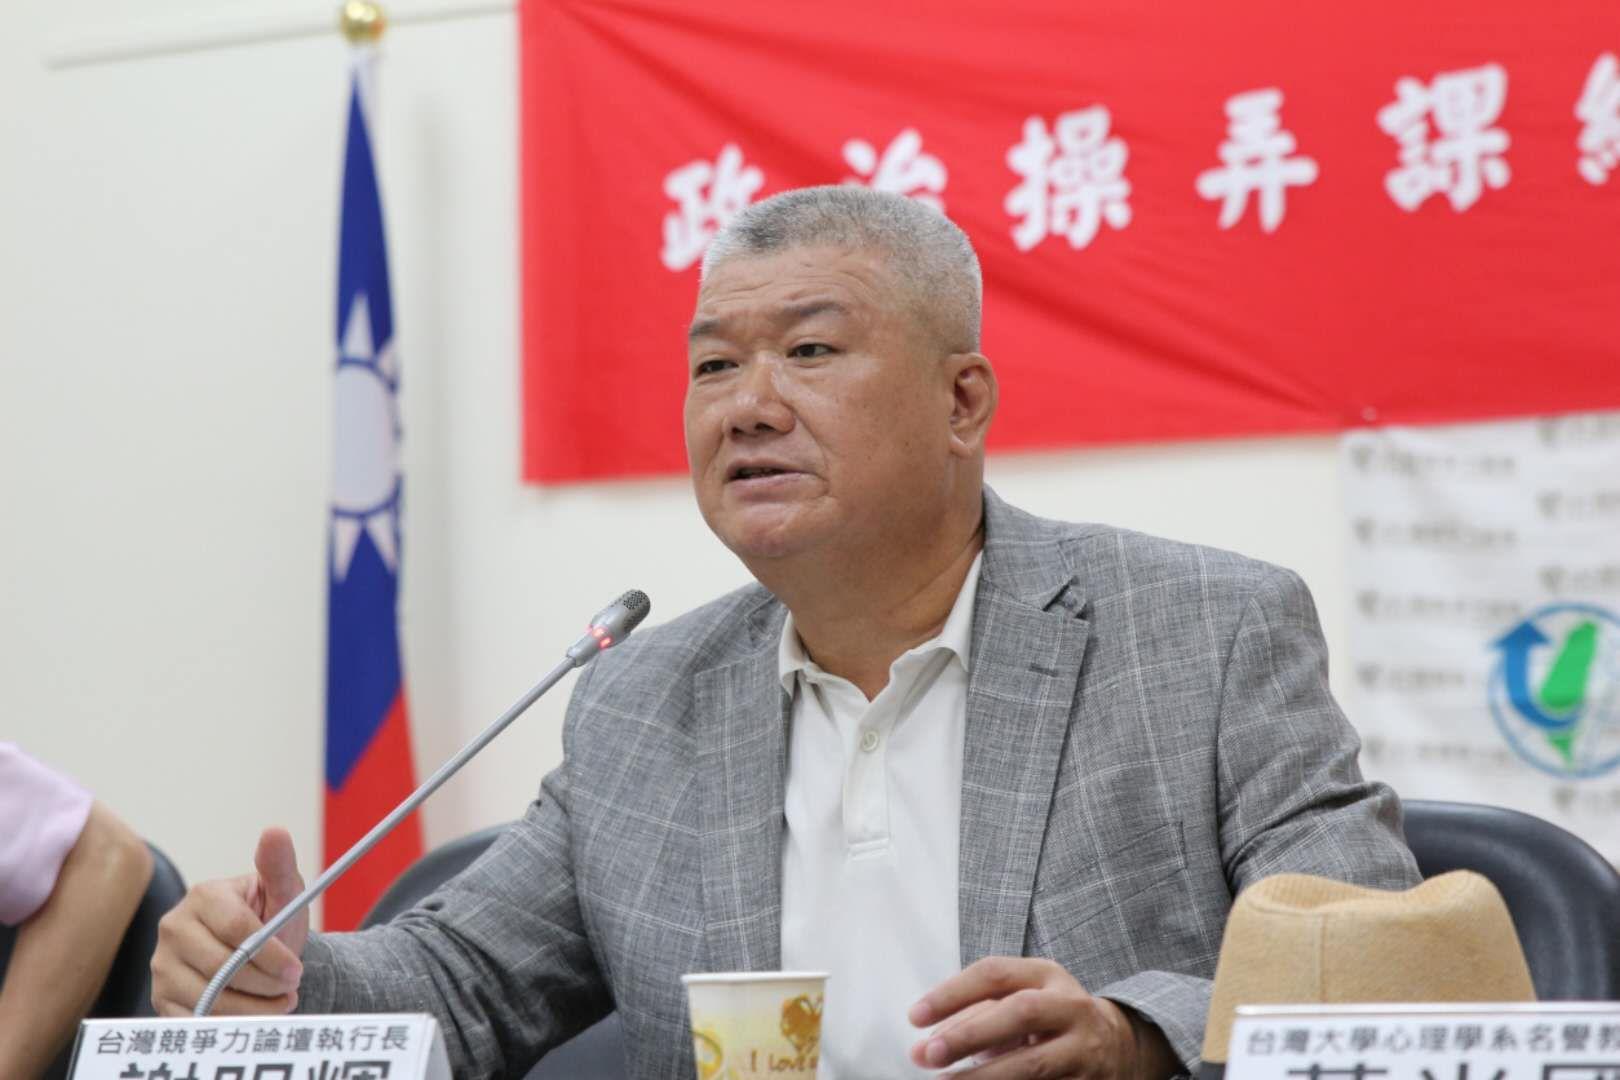 平安彩票会员登录:�x明�x:四成七台南市民希望�Q�h�Q人做做看